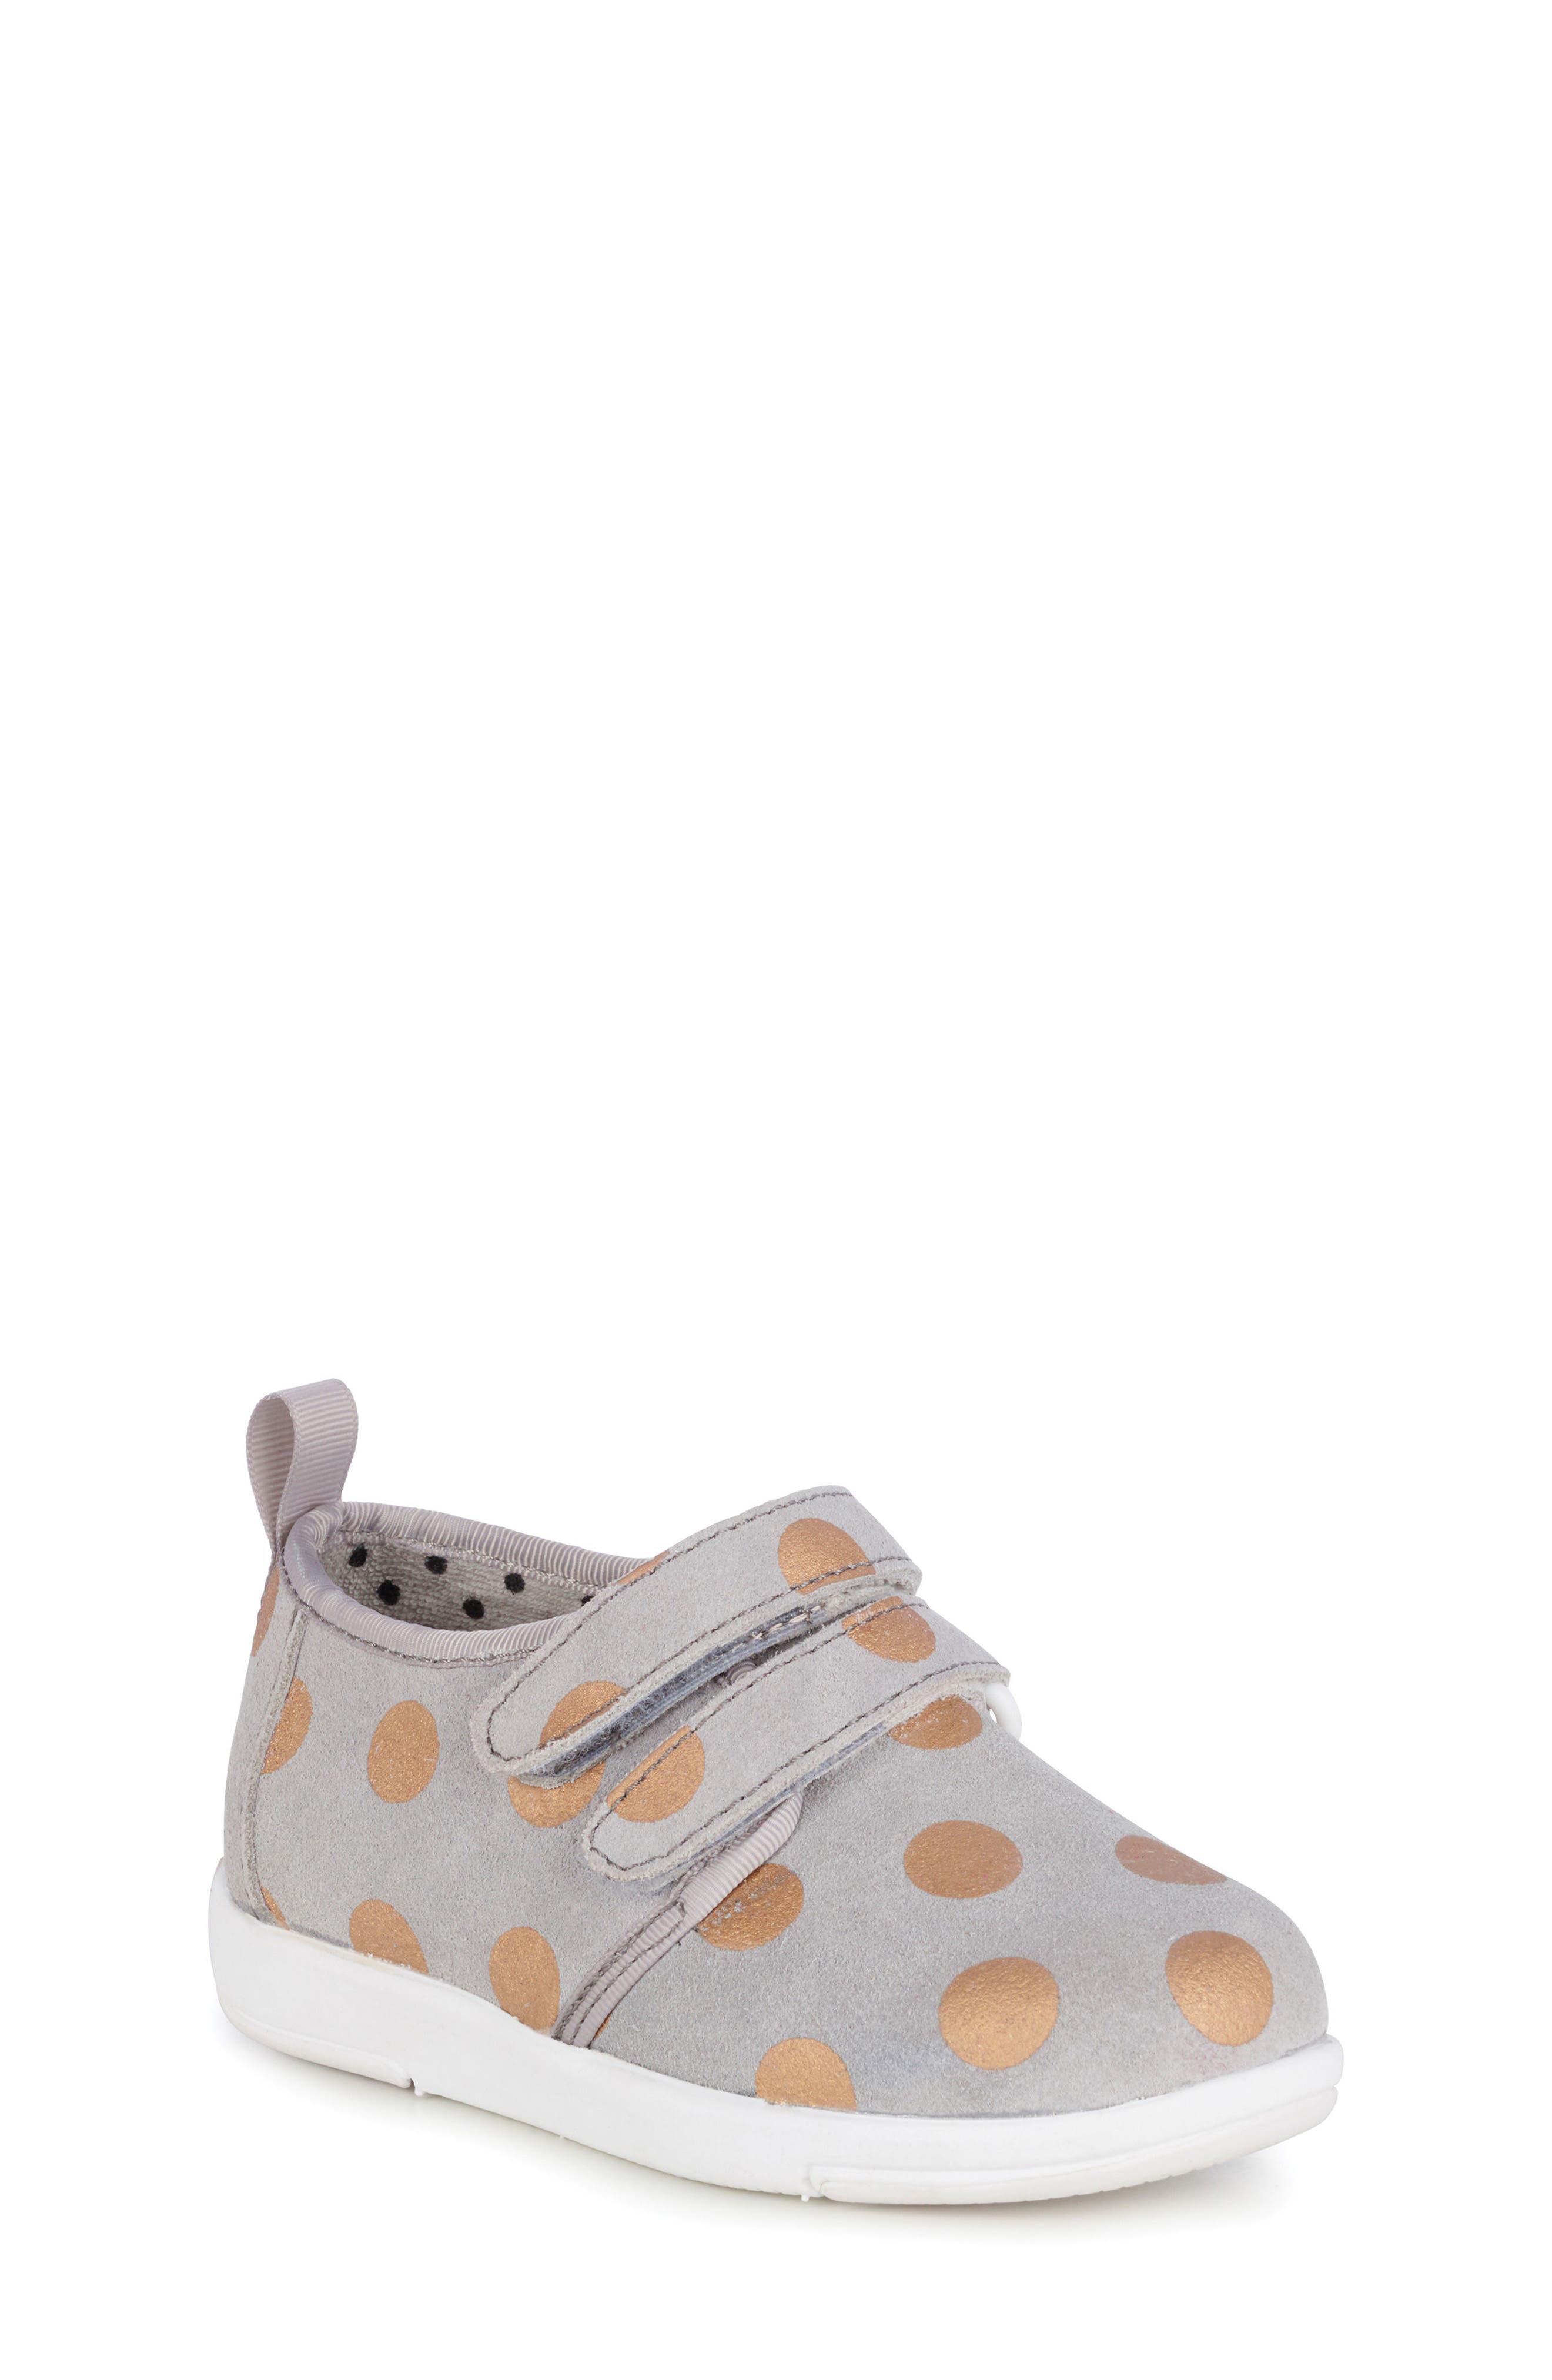 EMU Australia Polka Dot Sneaker (Toddler, Little Kid & Big Kid)